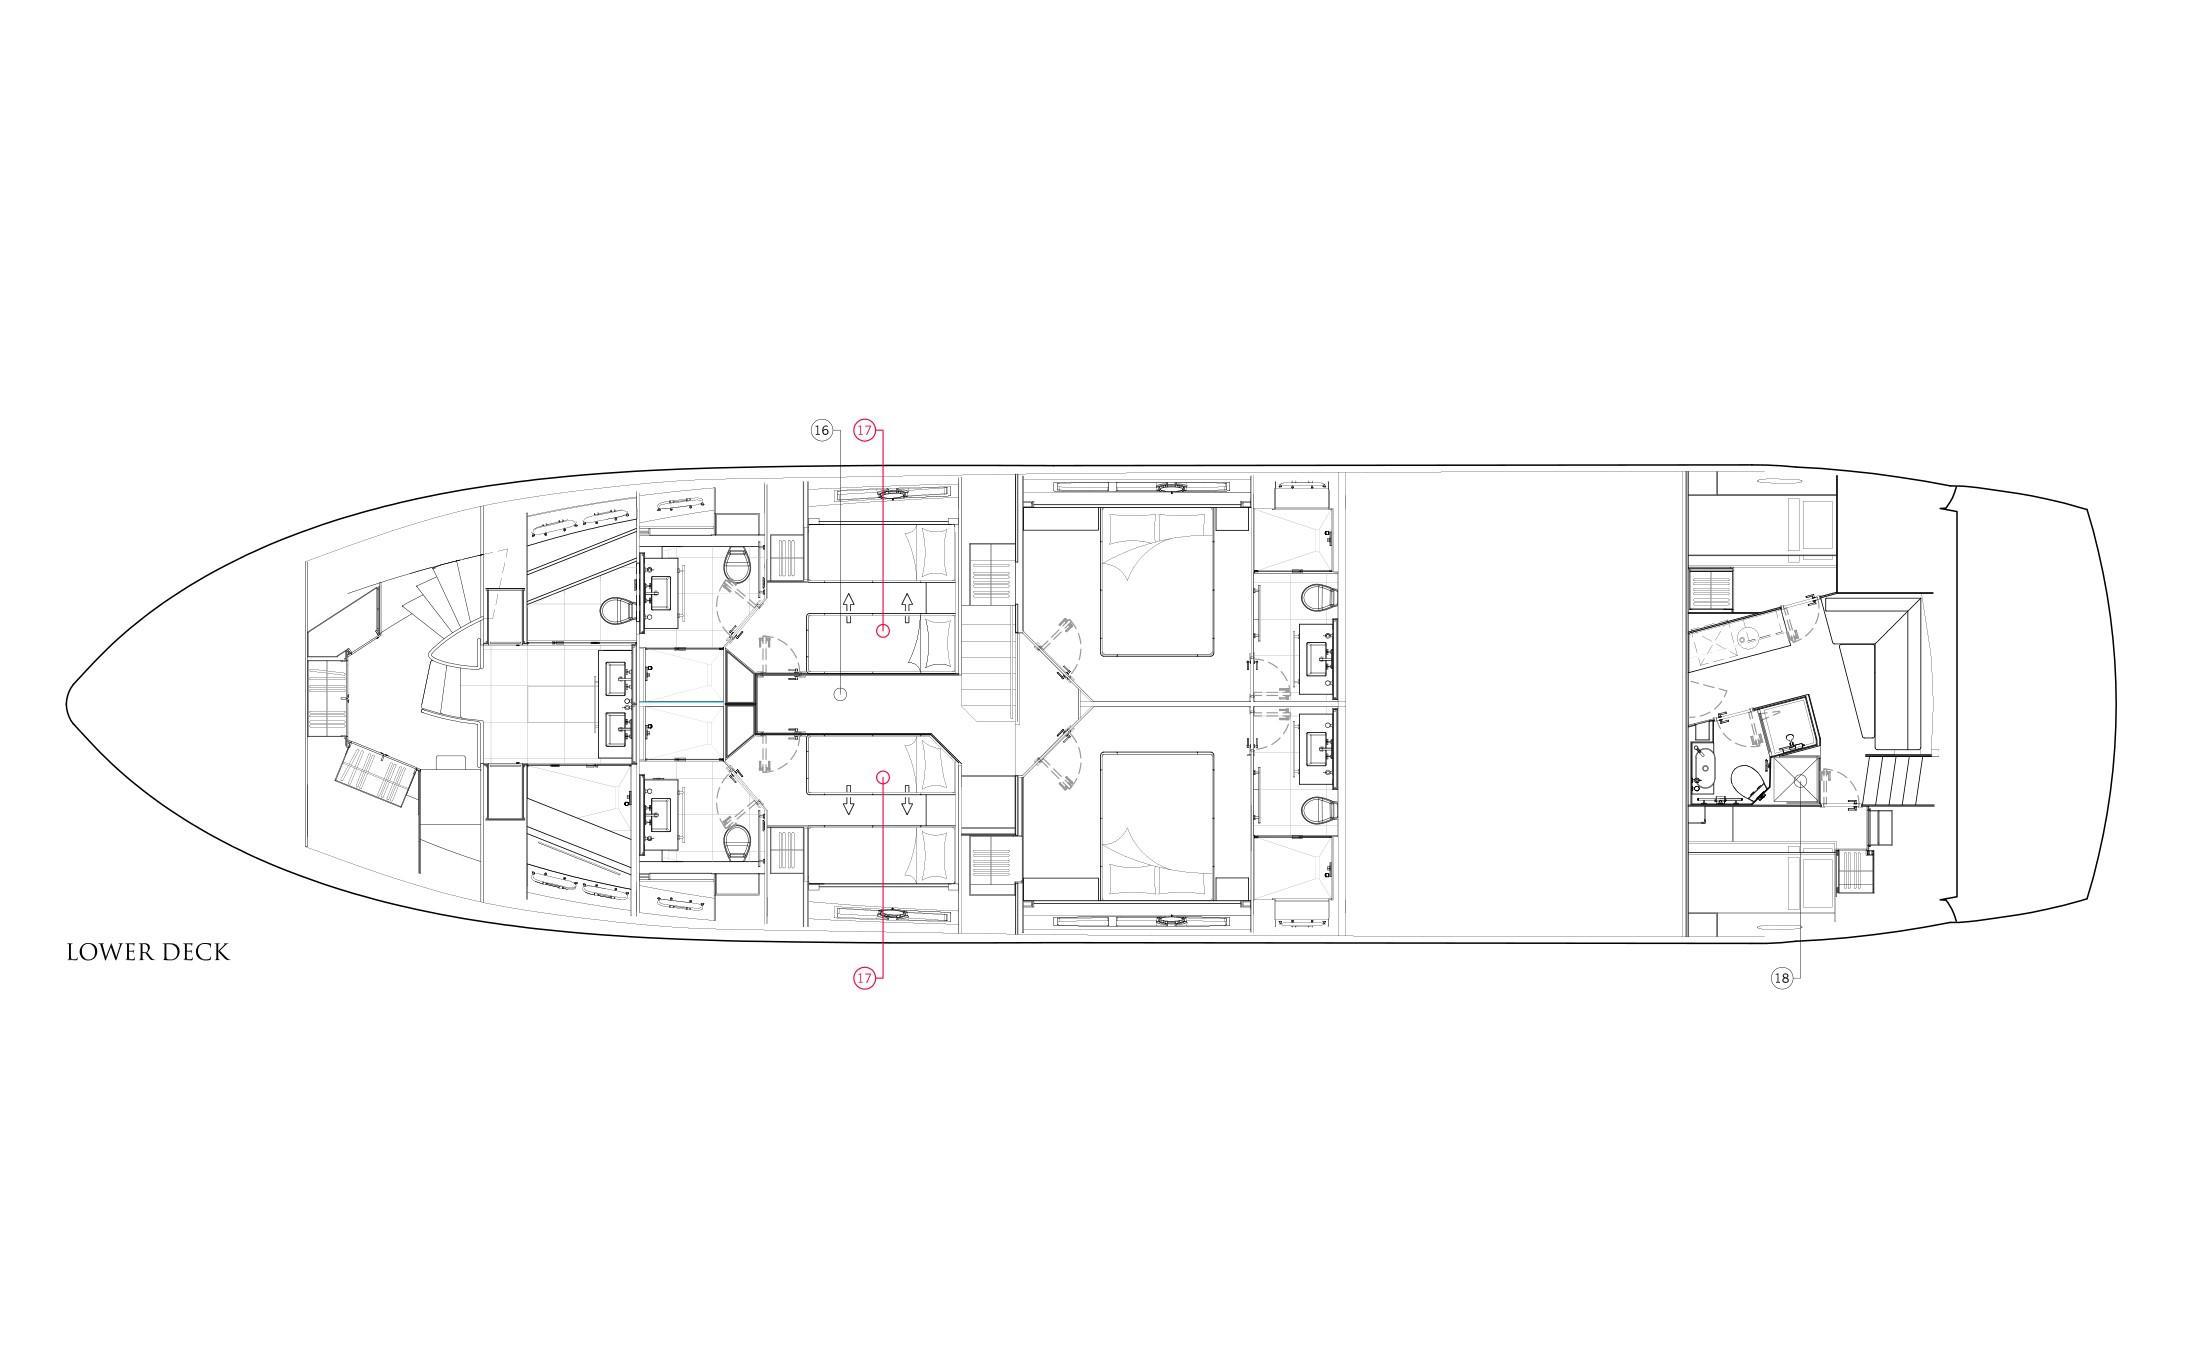 M Y Endless Summer 95 Yacht Sunseeker Philippines Schematic Diagram 7230 1